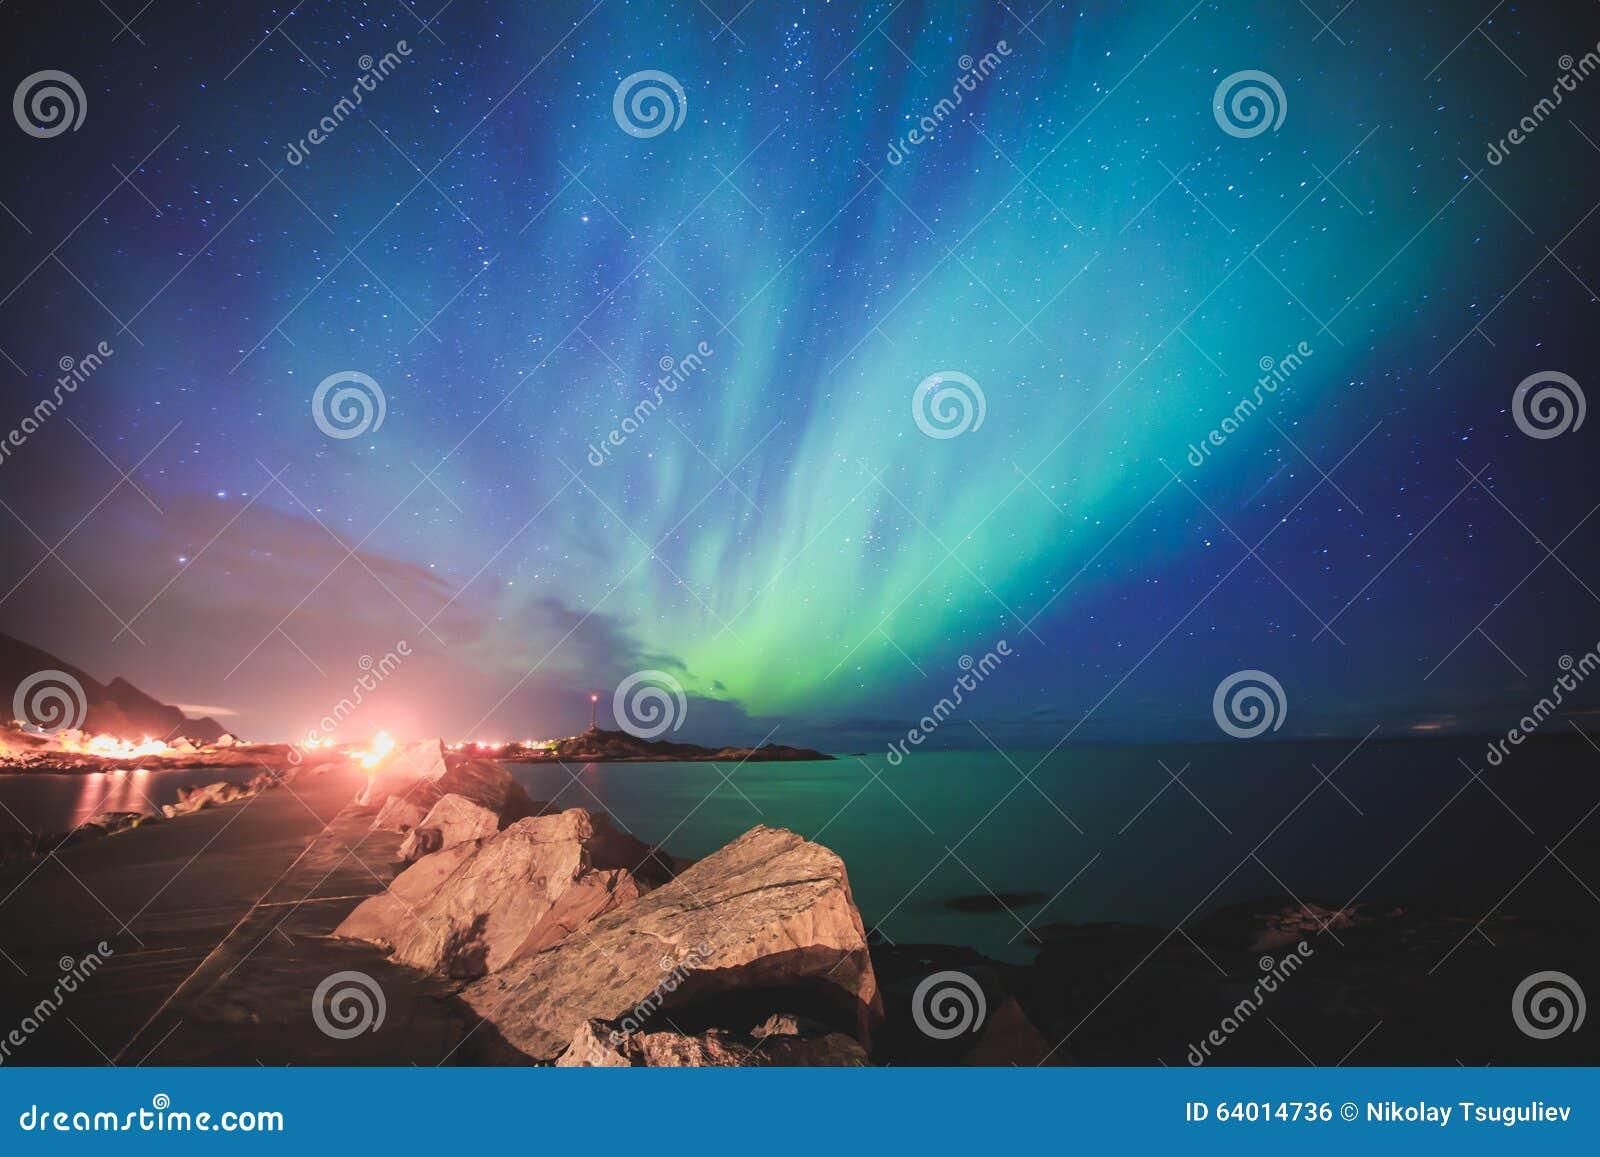 Schönes Bild von enormer mehrfarbiger vibrierender Aurora Borealis, Aurora Polaris, wissen auch als Nordlichter im nächtlichen Hi